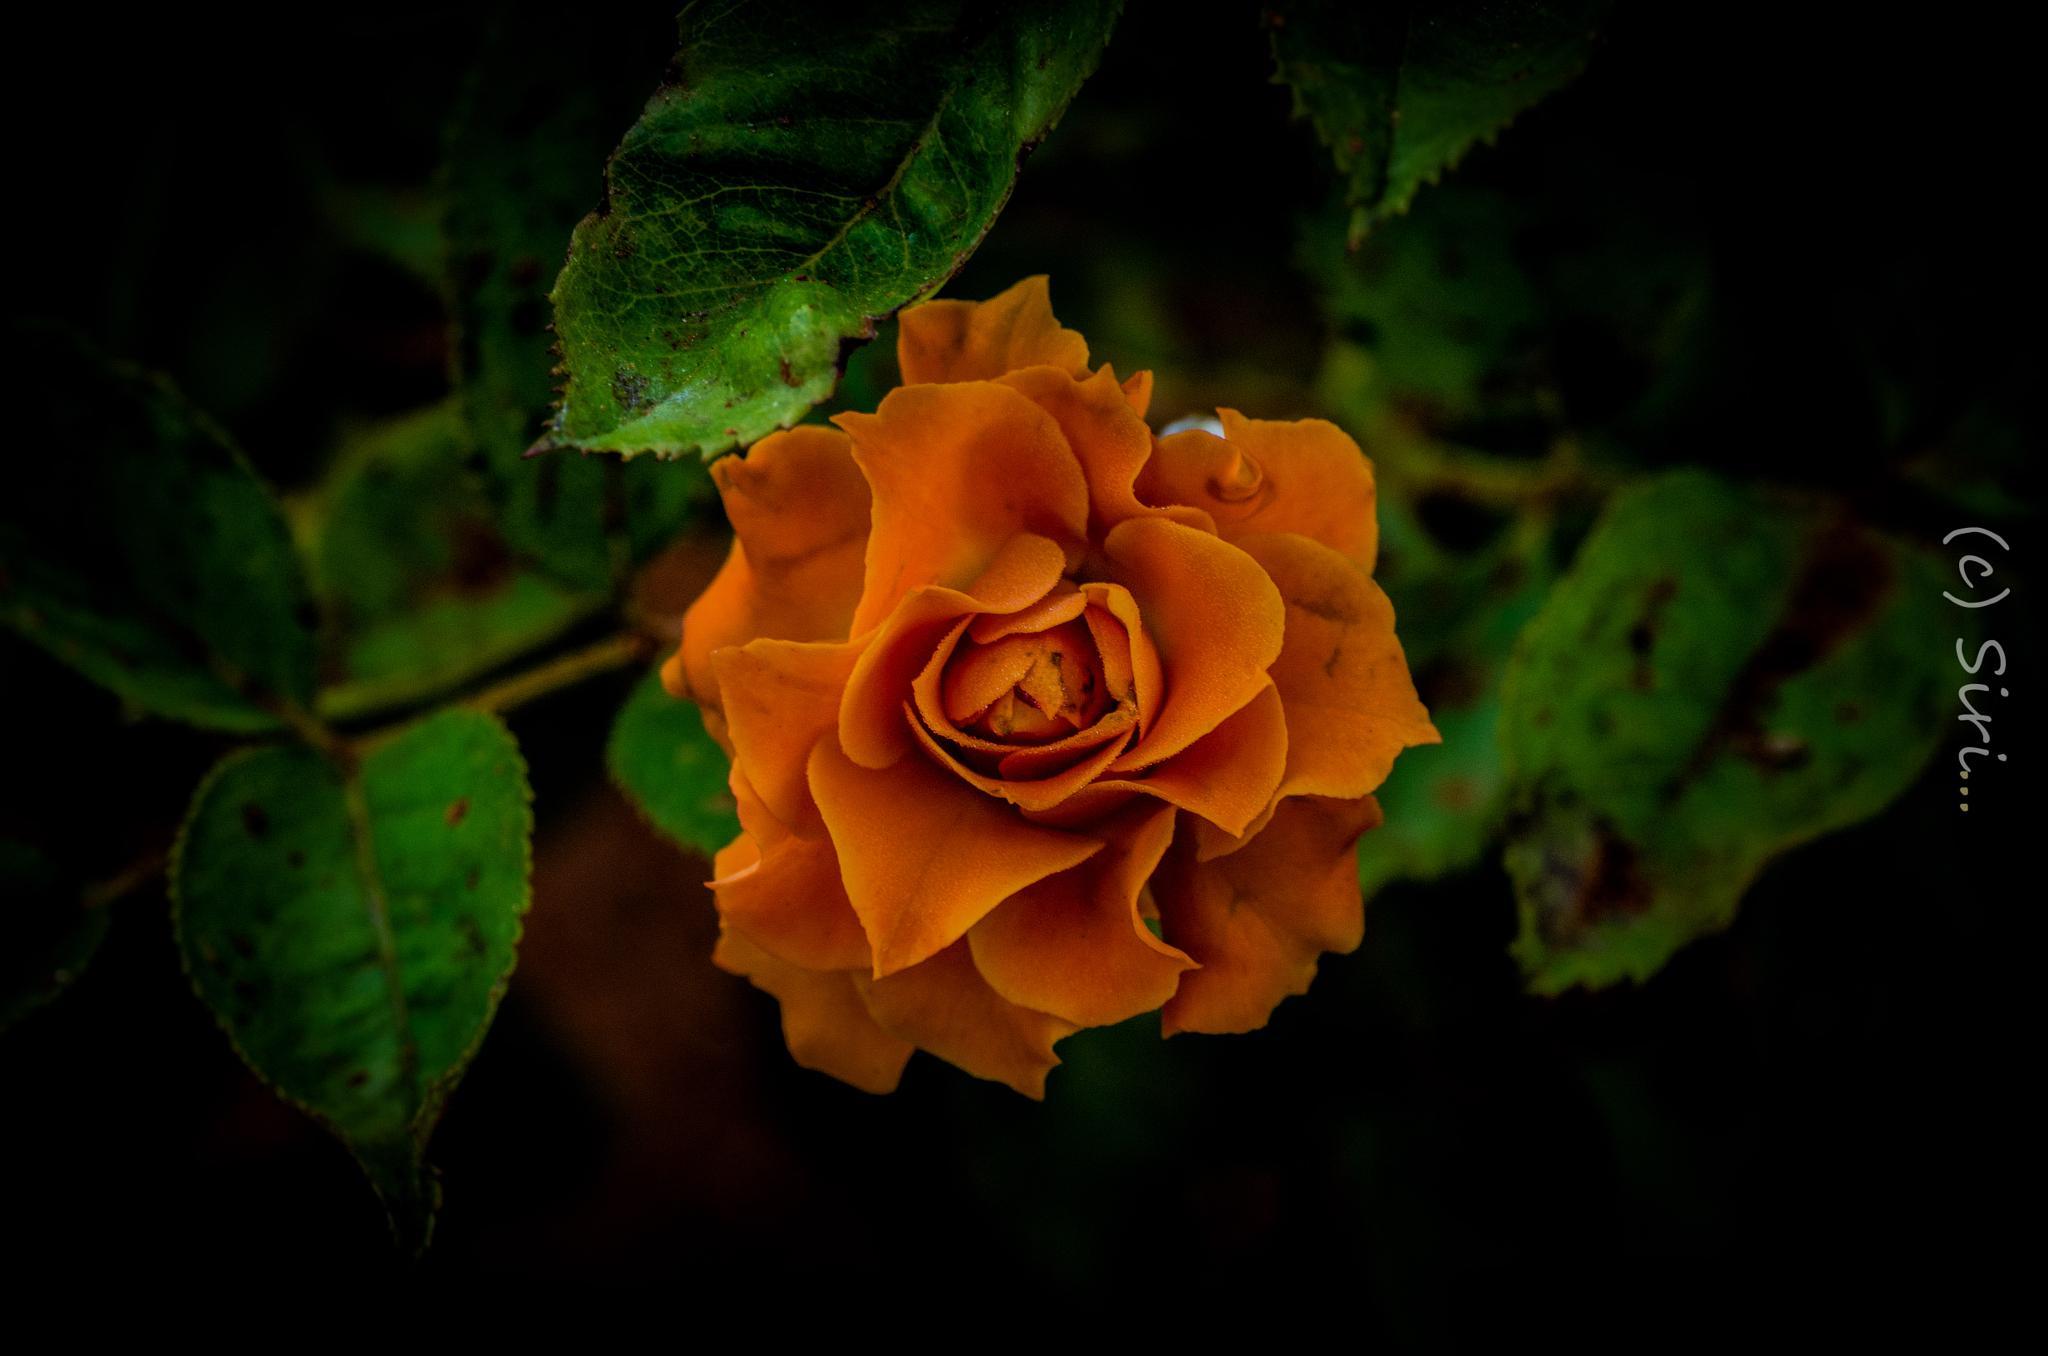 ROSE ROSE by raghuram0102